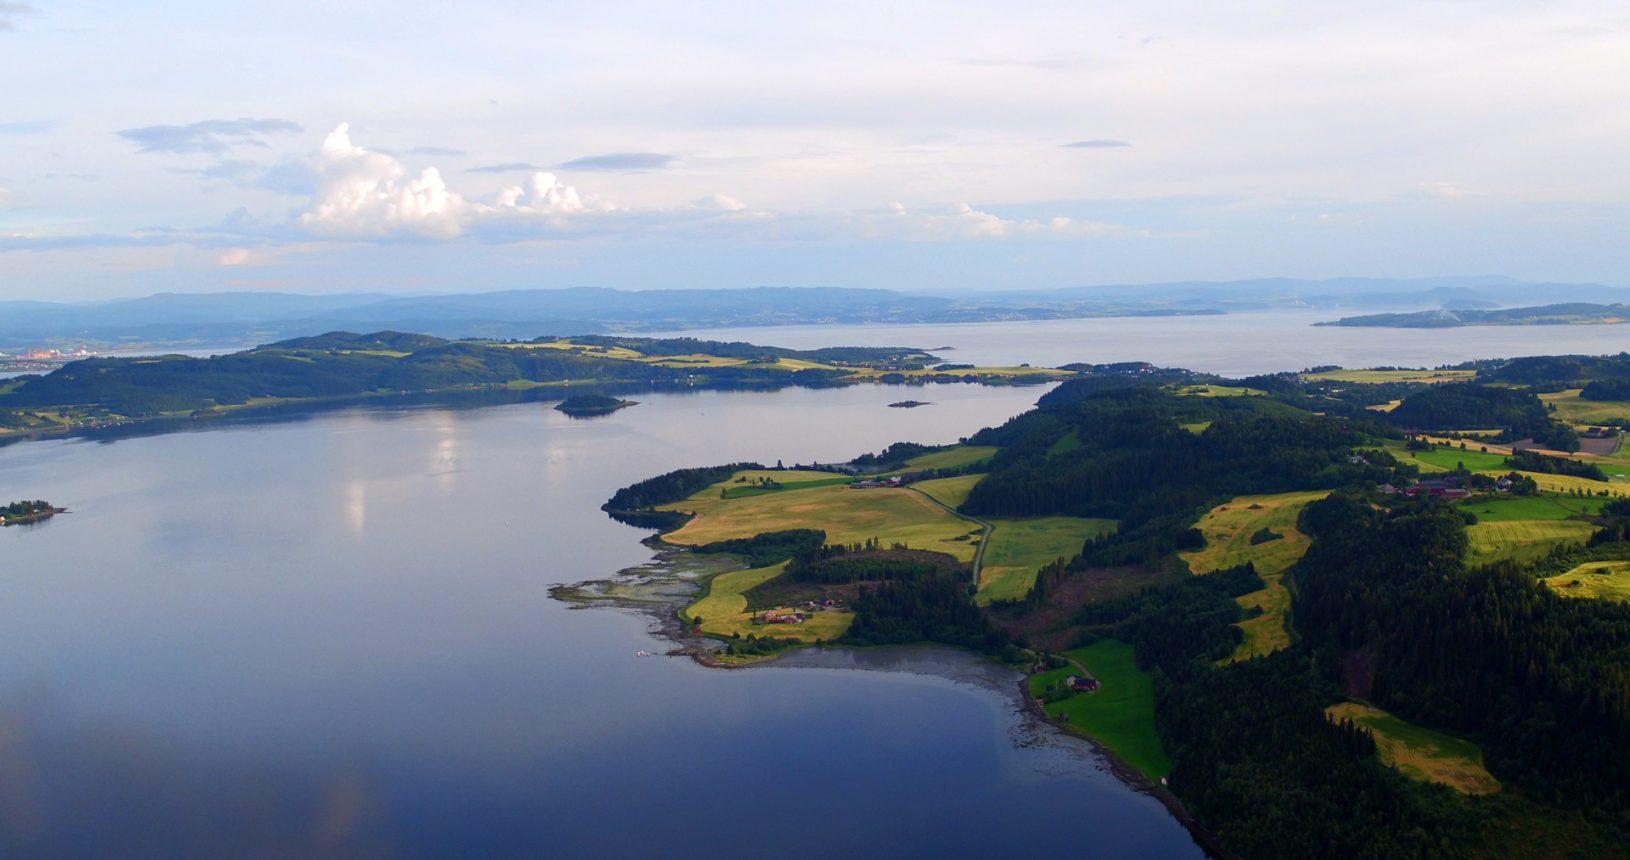 Bilder og videoer fra båt og drone sjøveien inn til deg langs kystlinjen i INDERØY (Borgenfjorden, Straumen, Trondheimsfjorden, Norviksundet, Skarnsundet, Verrasundet, Beitstadfjorden), er i korthet prosjekt FJORDSPOTTING. Bilder og videoer fra båt og drone sjøveien inn til deg, langs kystlinjen i Inderøy kommune, er i korthet prosjekt FJORDSPOTTING. FJORDSPOTTING, INDERØY, Borgenfjorden, Straumen, Trondheimsfjorden, Norviksundet, Skarnsundet, Verrasundet, Beitstadfjorden, Fotografi, Videografi, Sjøveien, Sjark, Drone